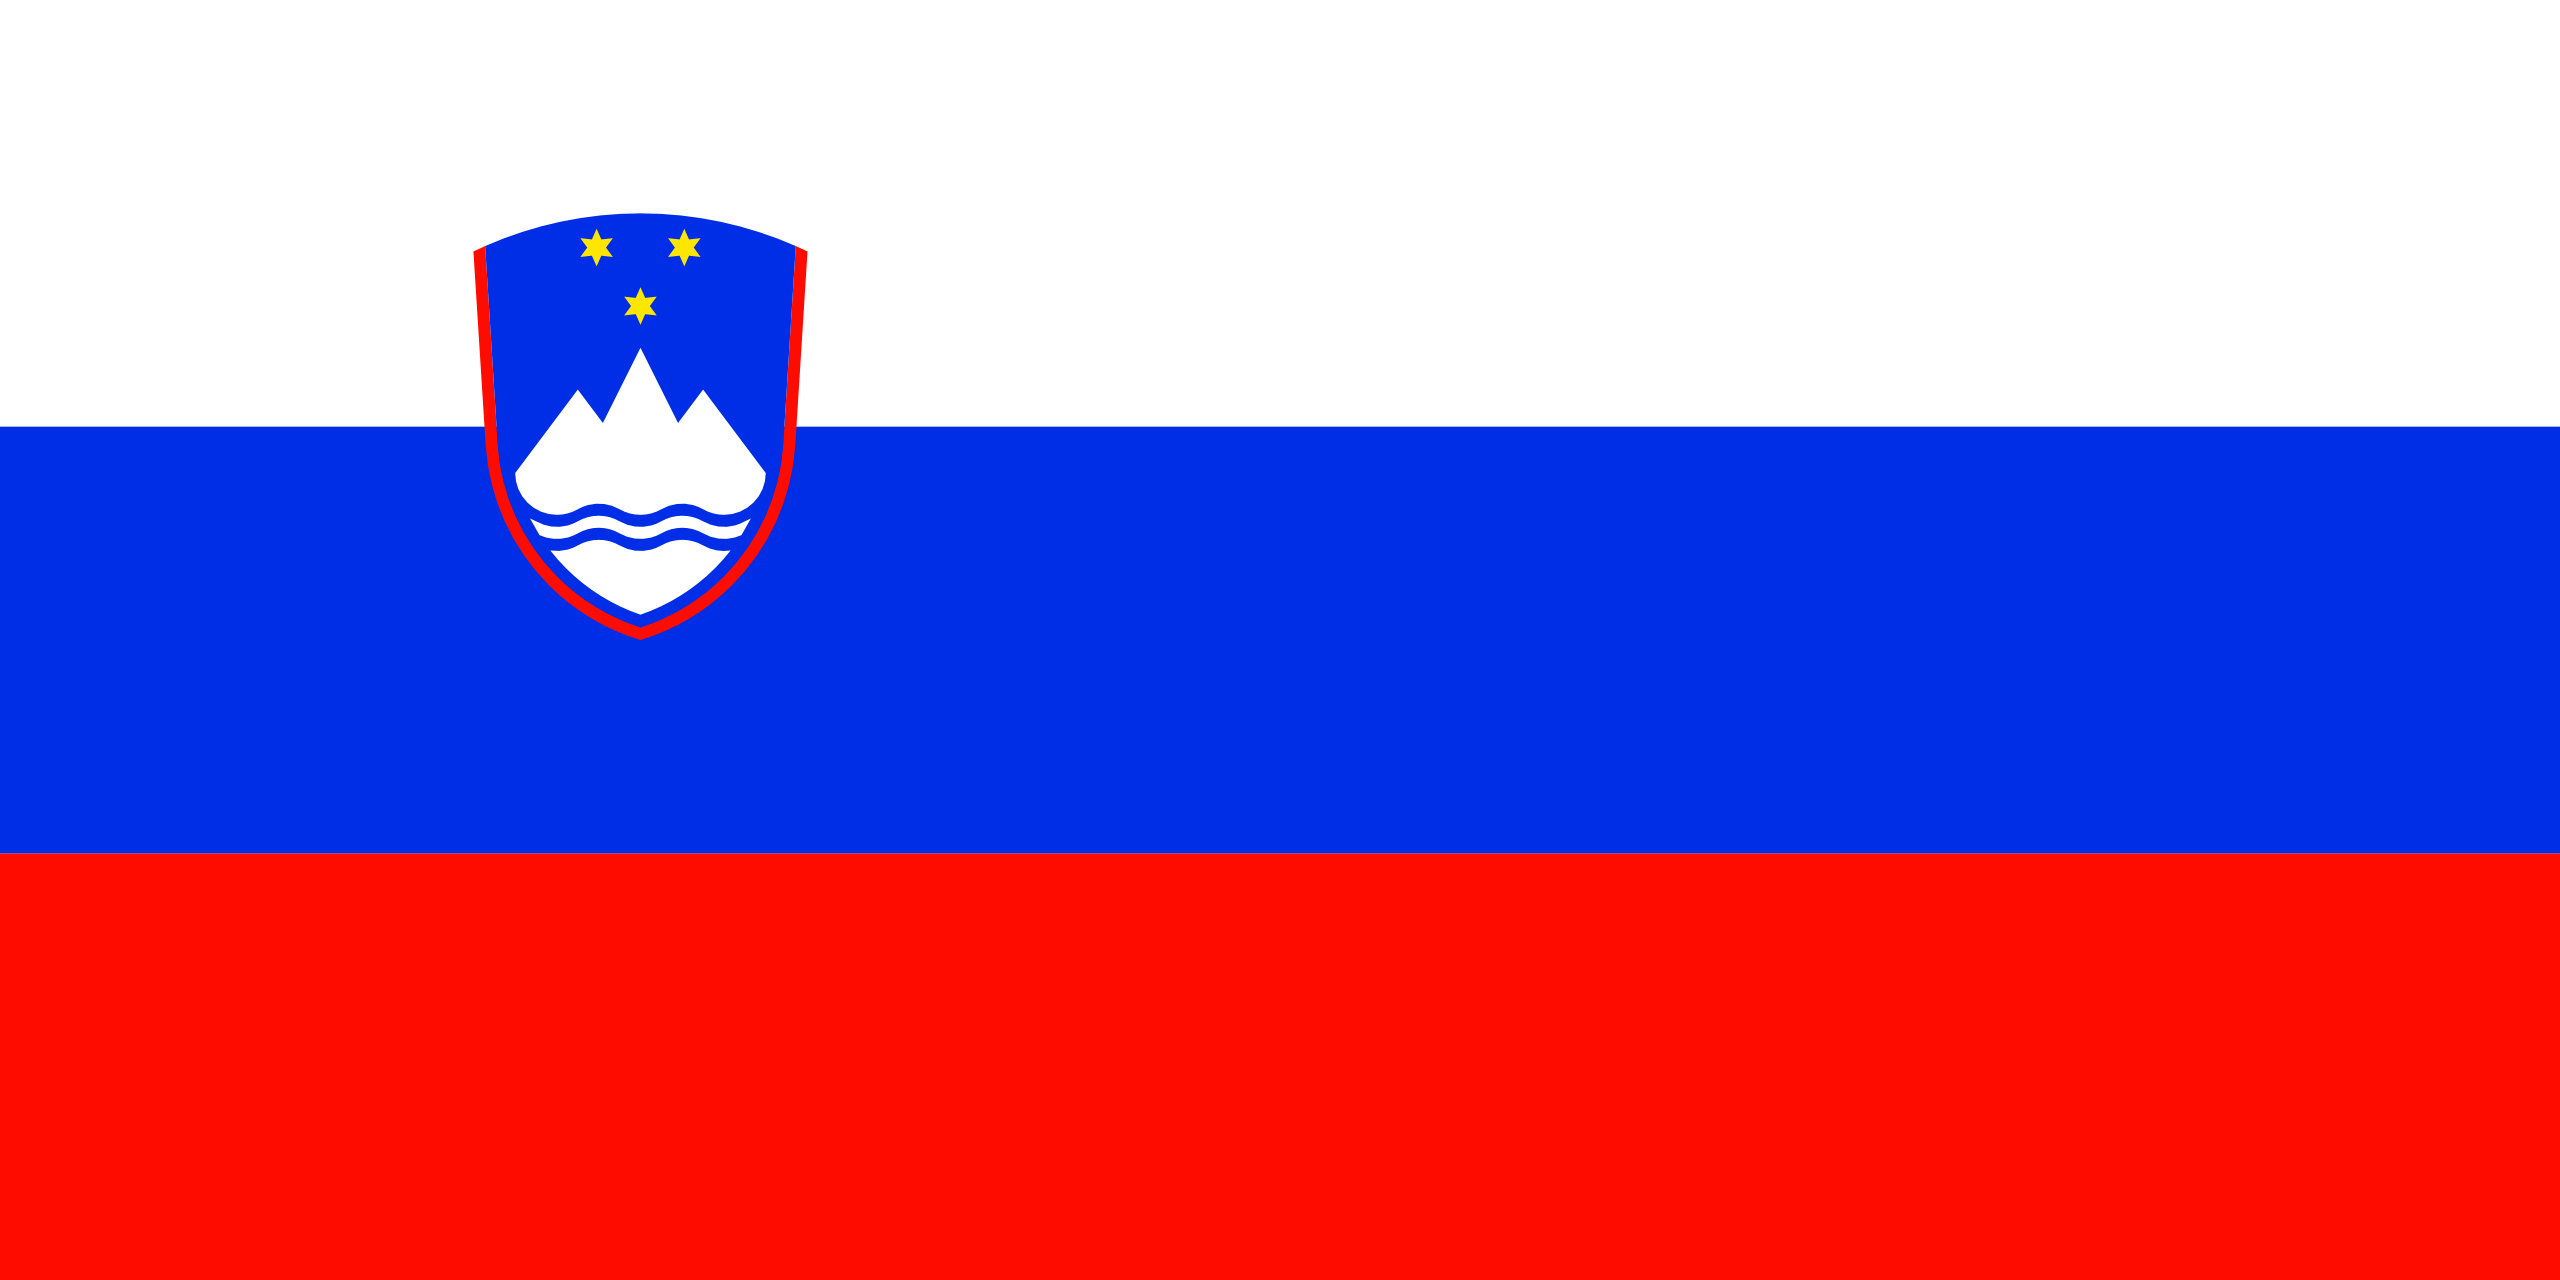 Eslovênia, país, Brasão de armas, logotipo, símbolo - Papéis de parede HD - Professor-falken.com